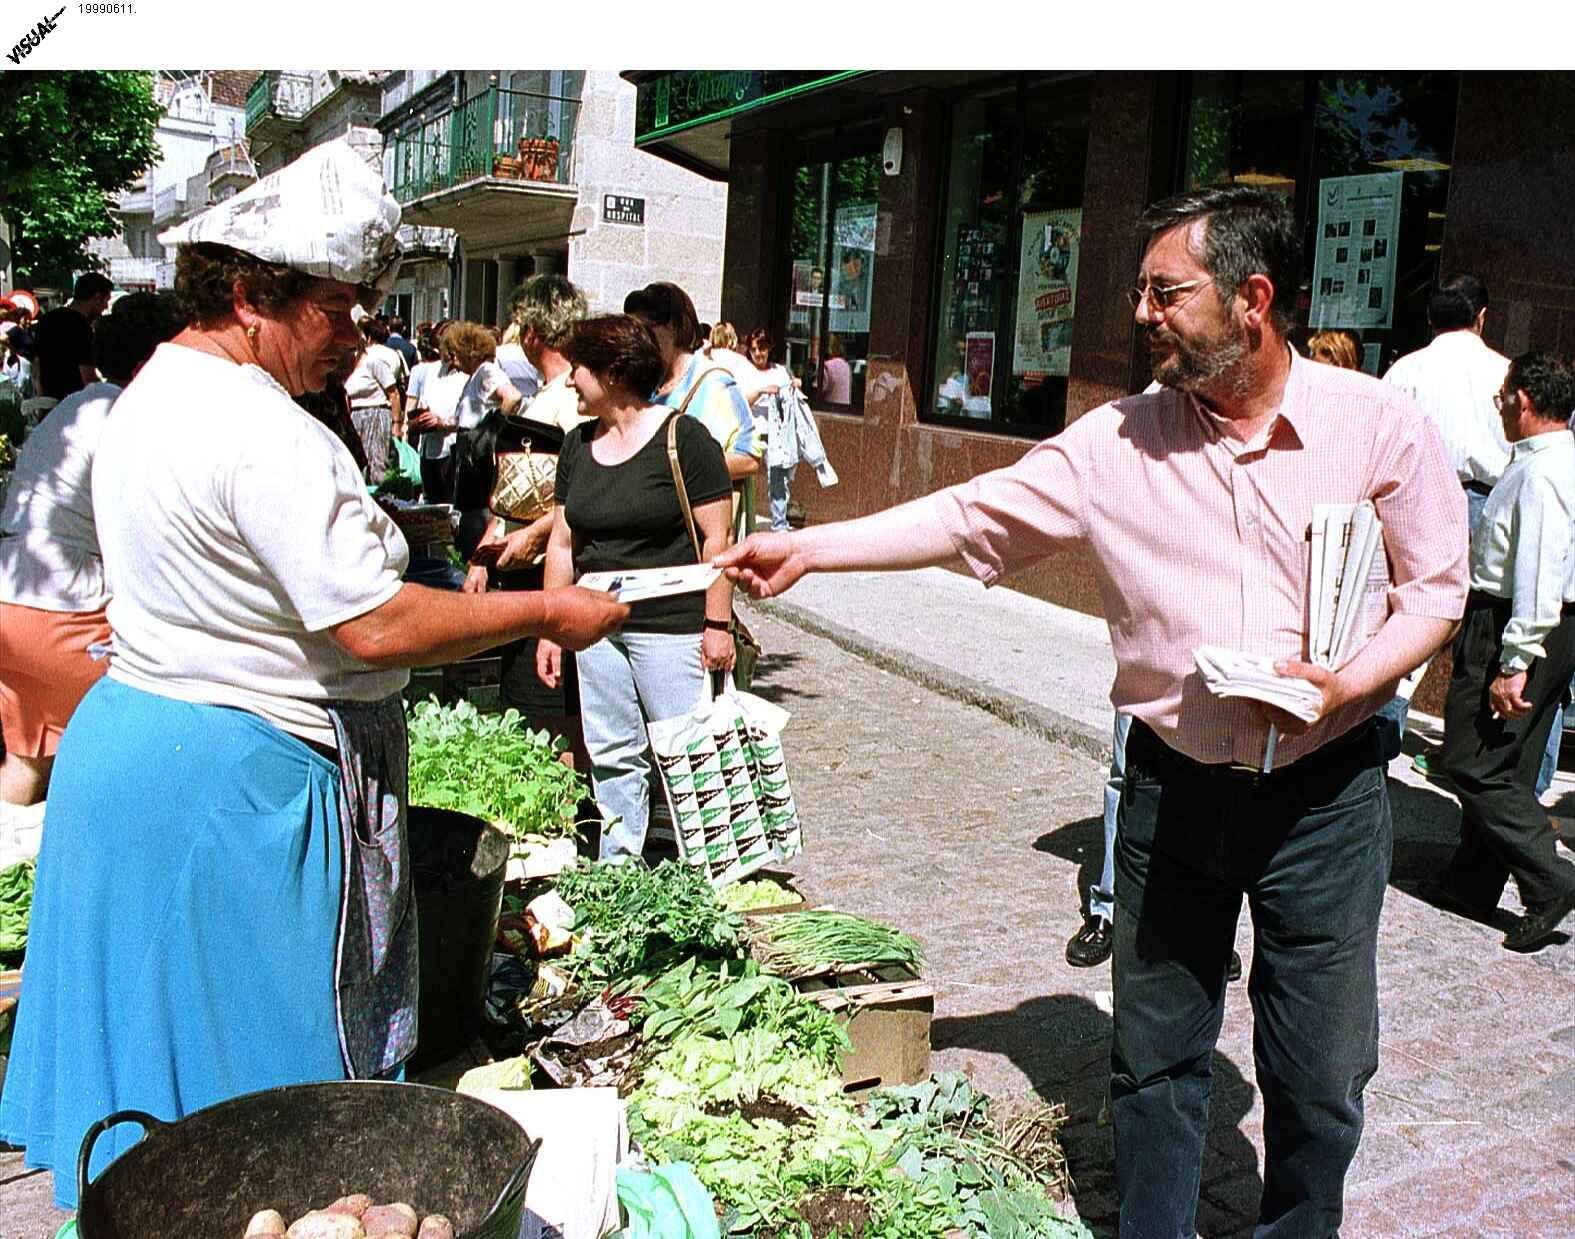 Repartiendo propaganda electoral en O Morrazo durante el año 1999